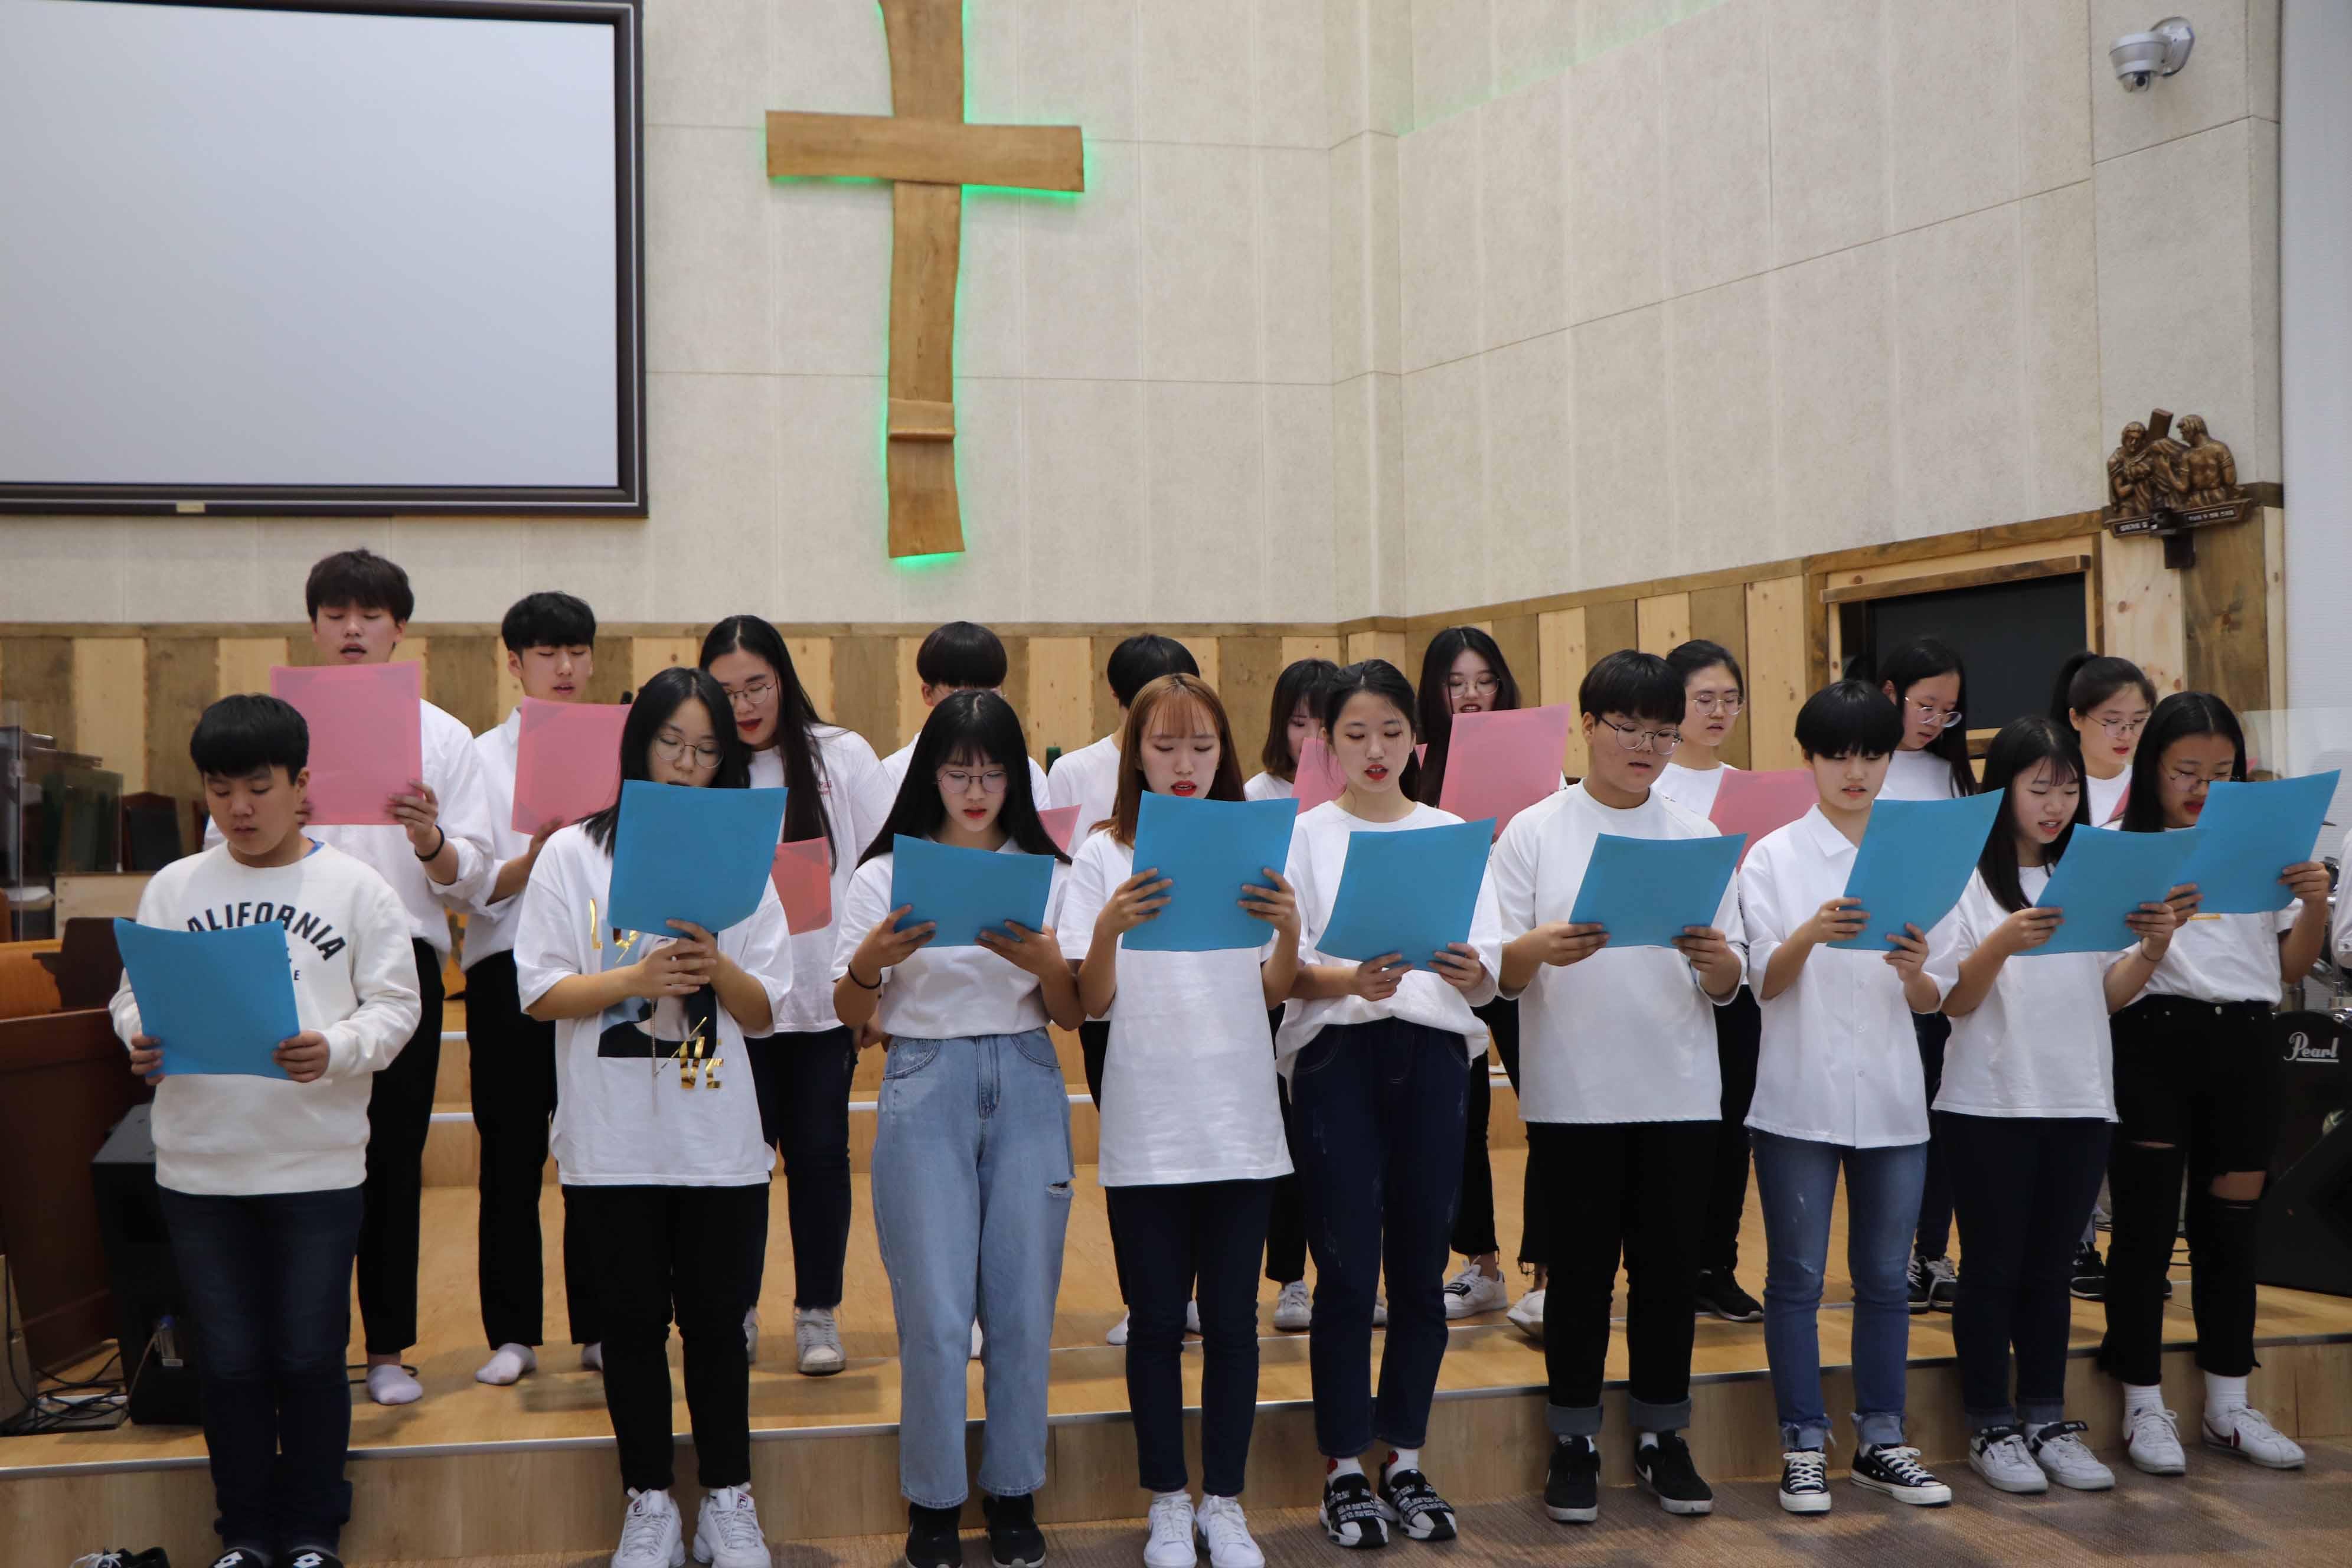 2019년 9월 1일 학생부 헌신예배